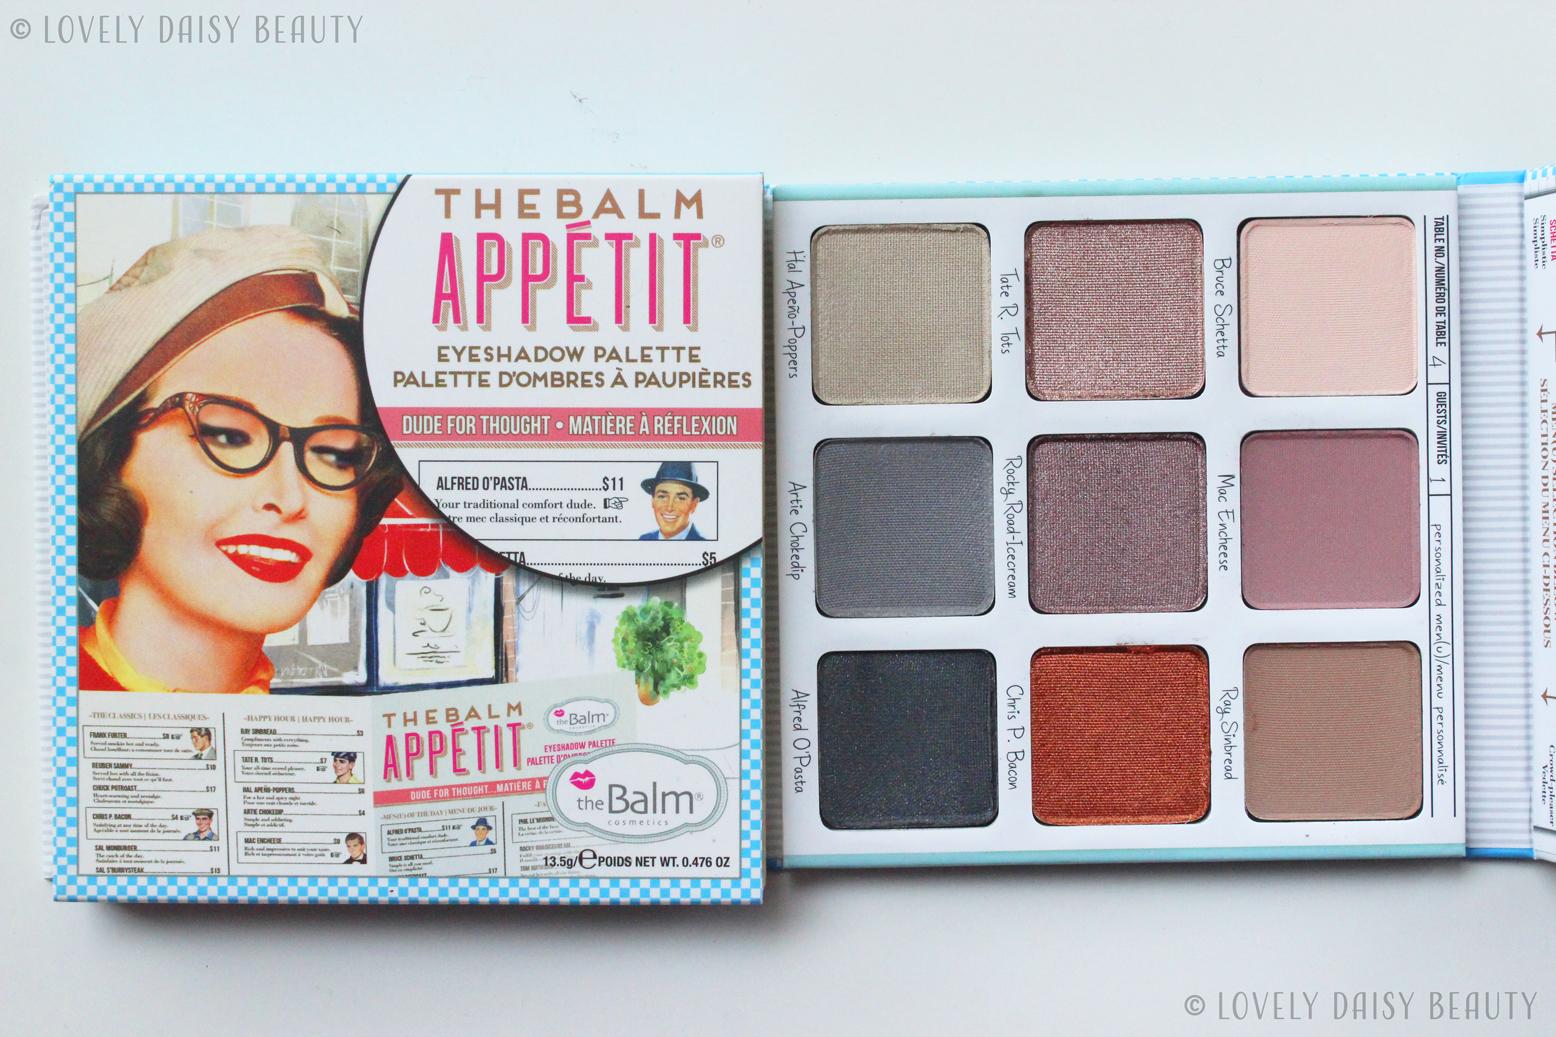 The-Balm-Appétit-Palette-2